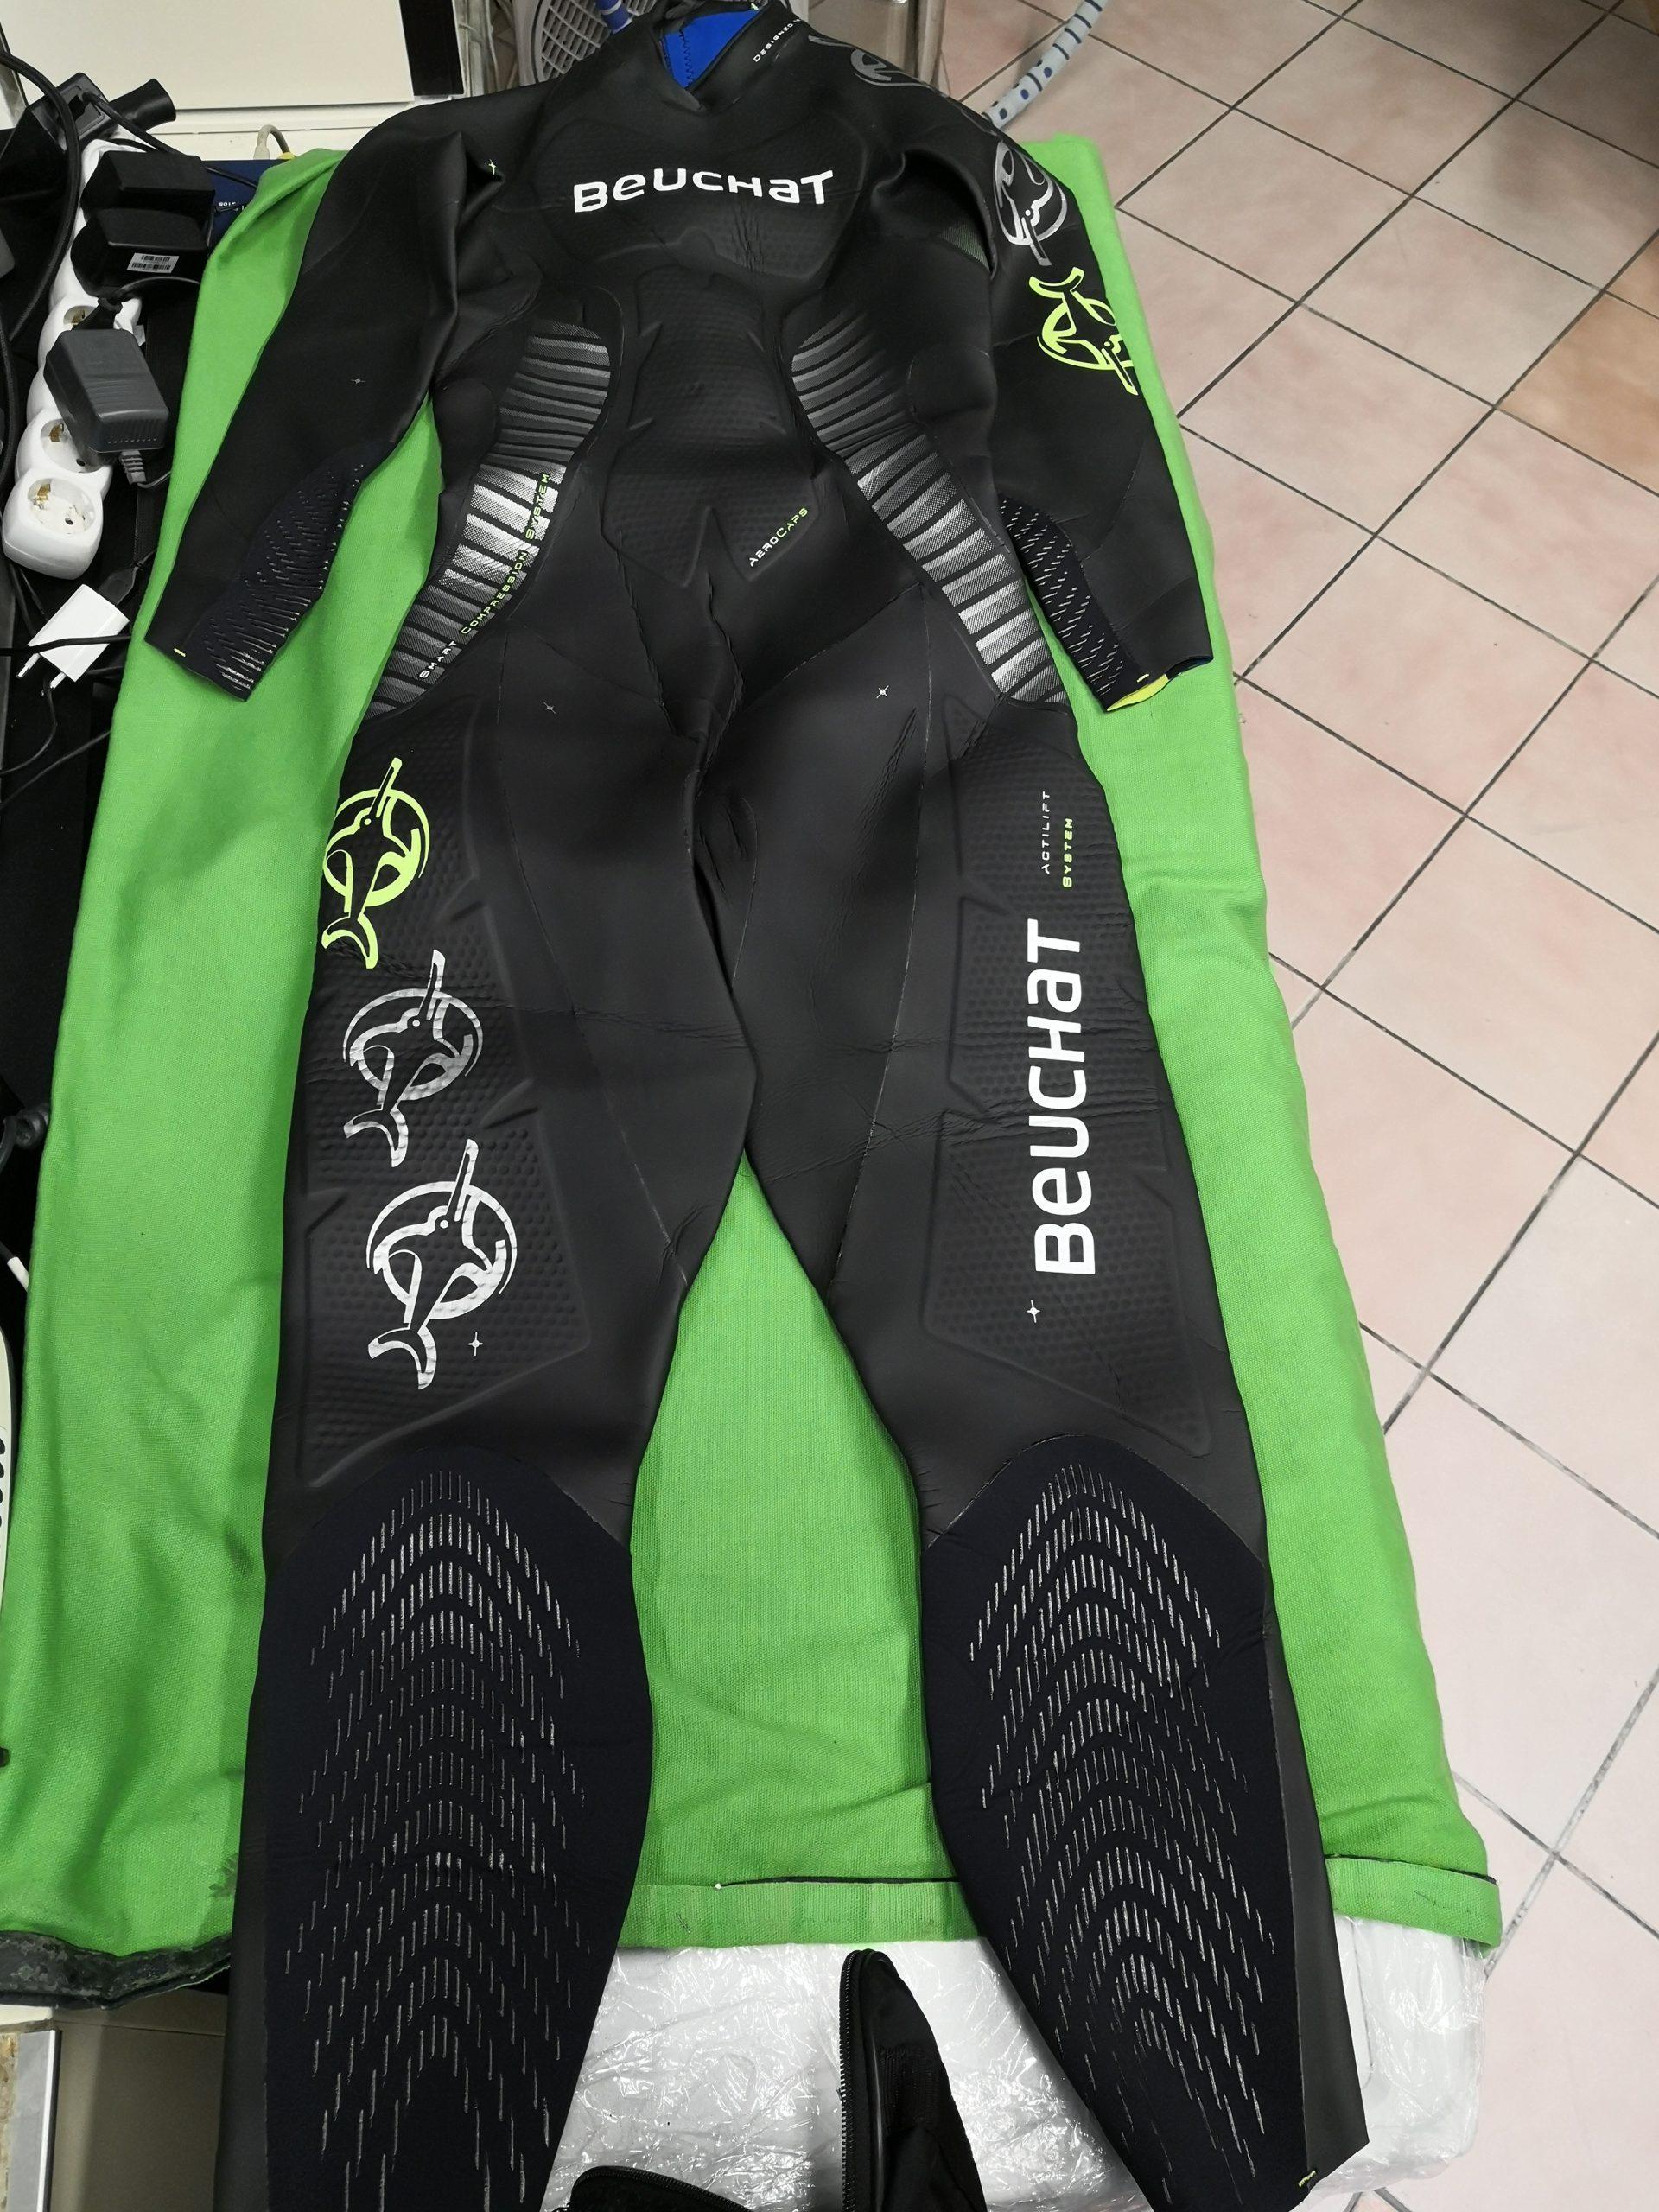 Beuchat Crawl C800 férfi  hosszútávúszó öltözet (triatlon, vizisportok), kiemelt kép